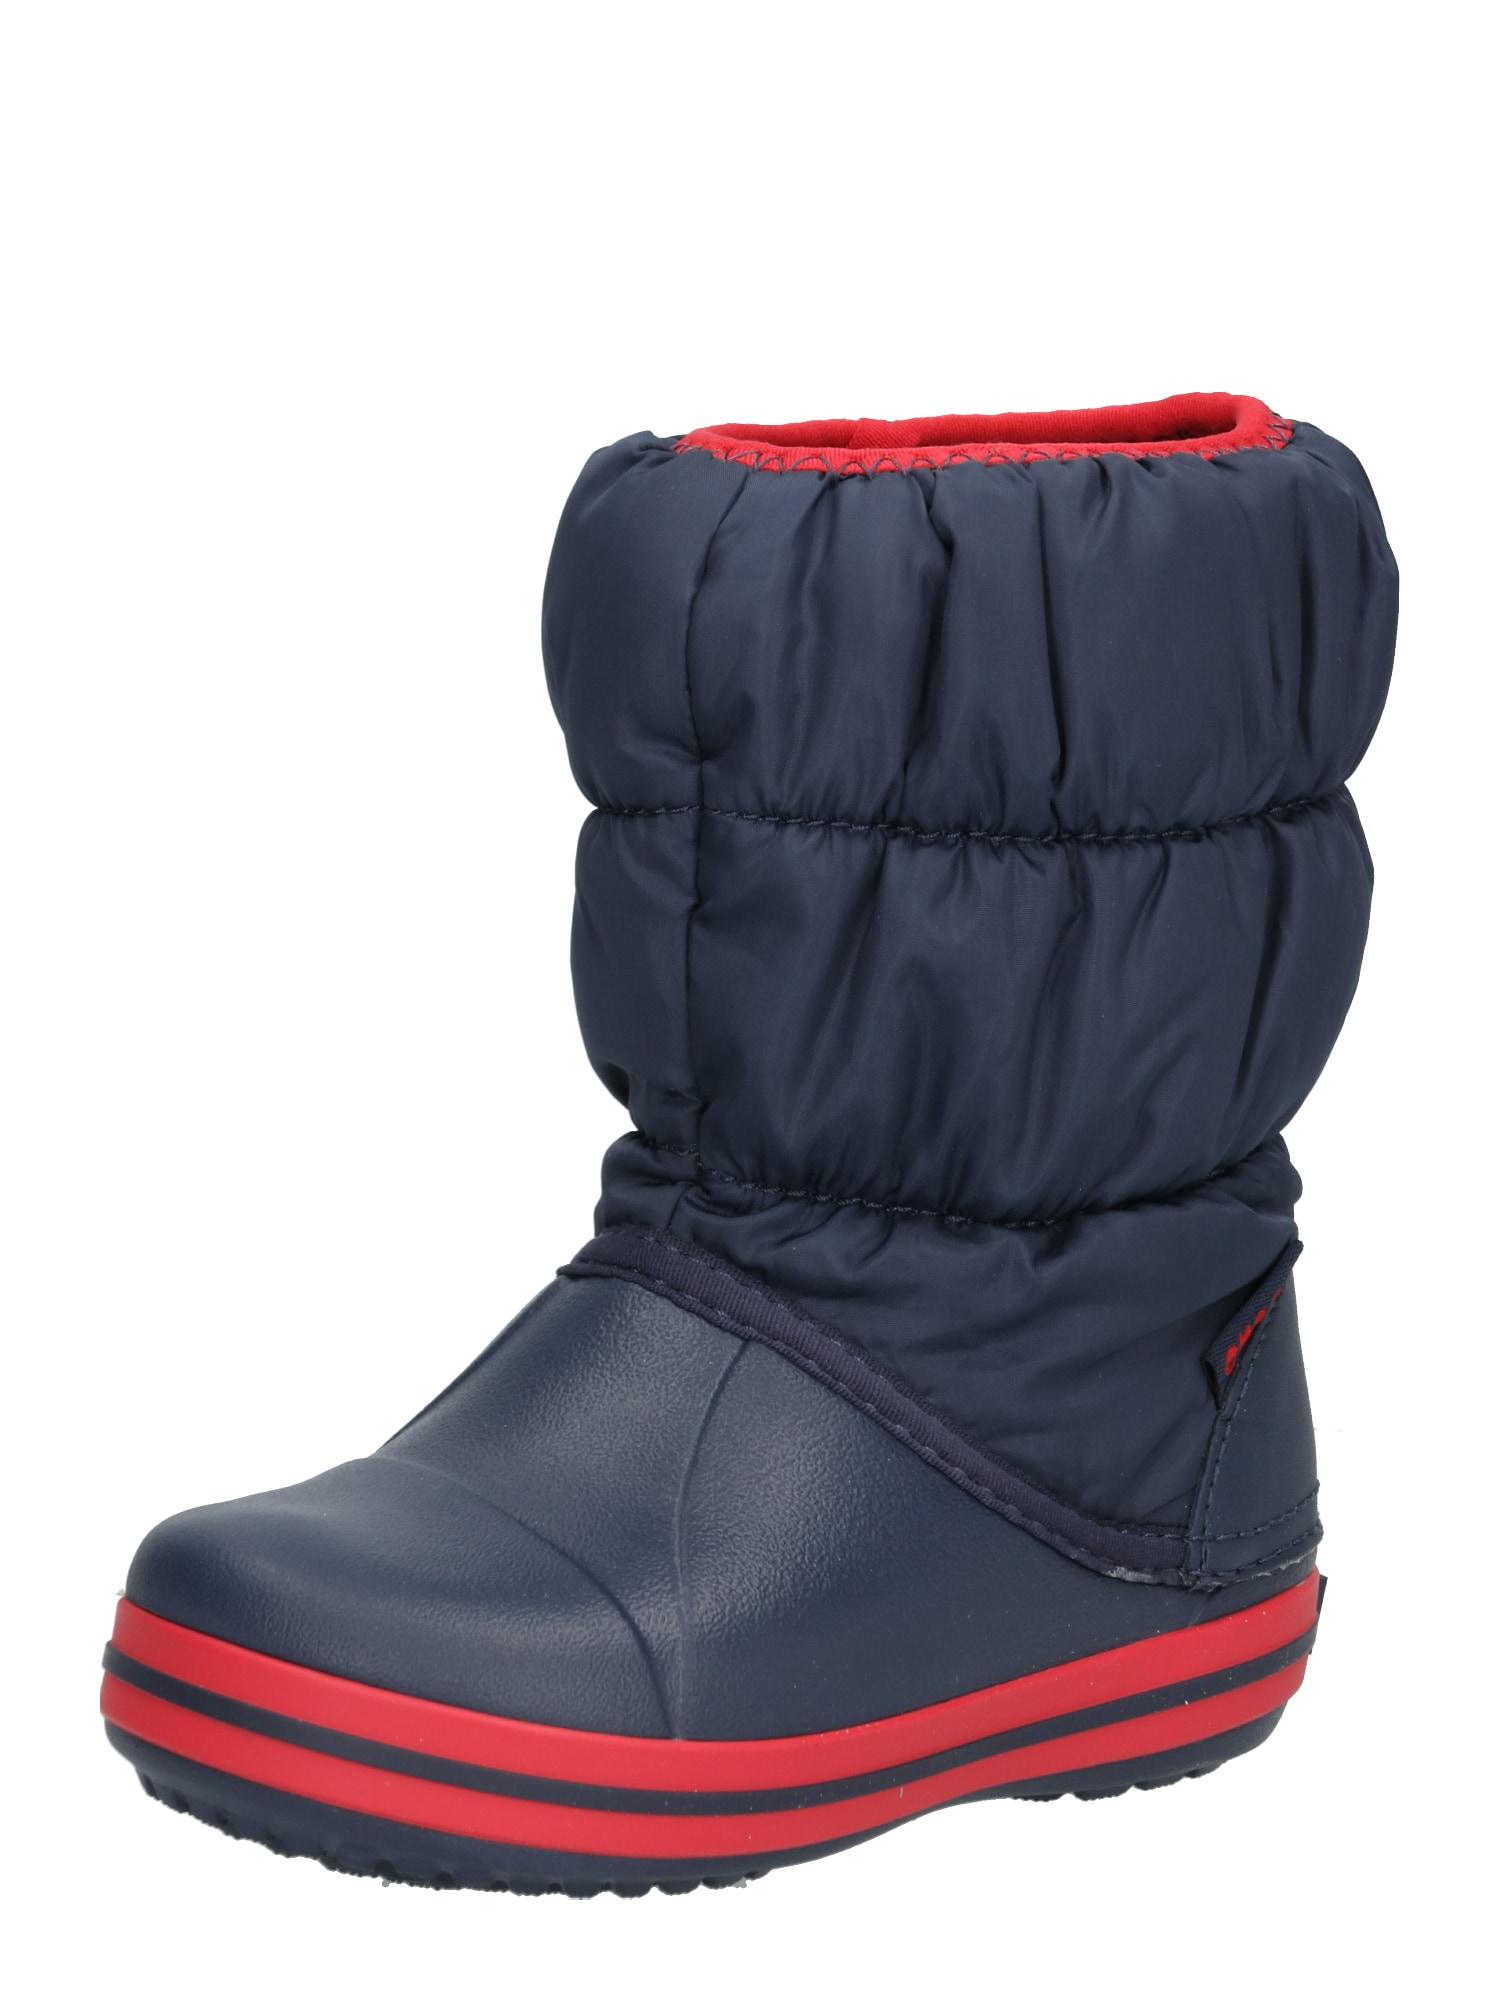 Sněhule Winter Puff Boot Kids námořnická modř červená Crocs